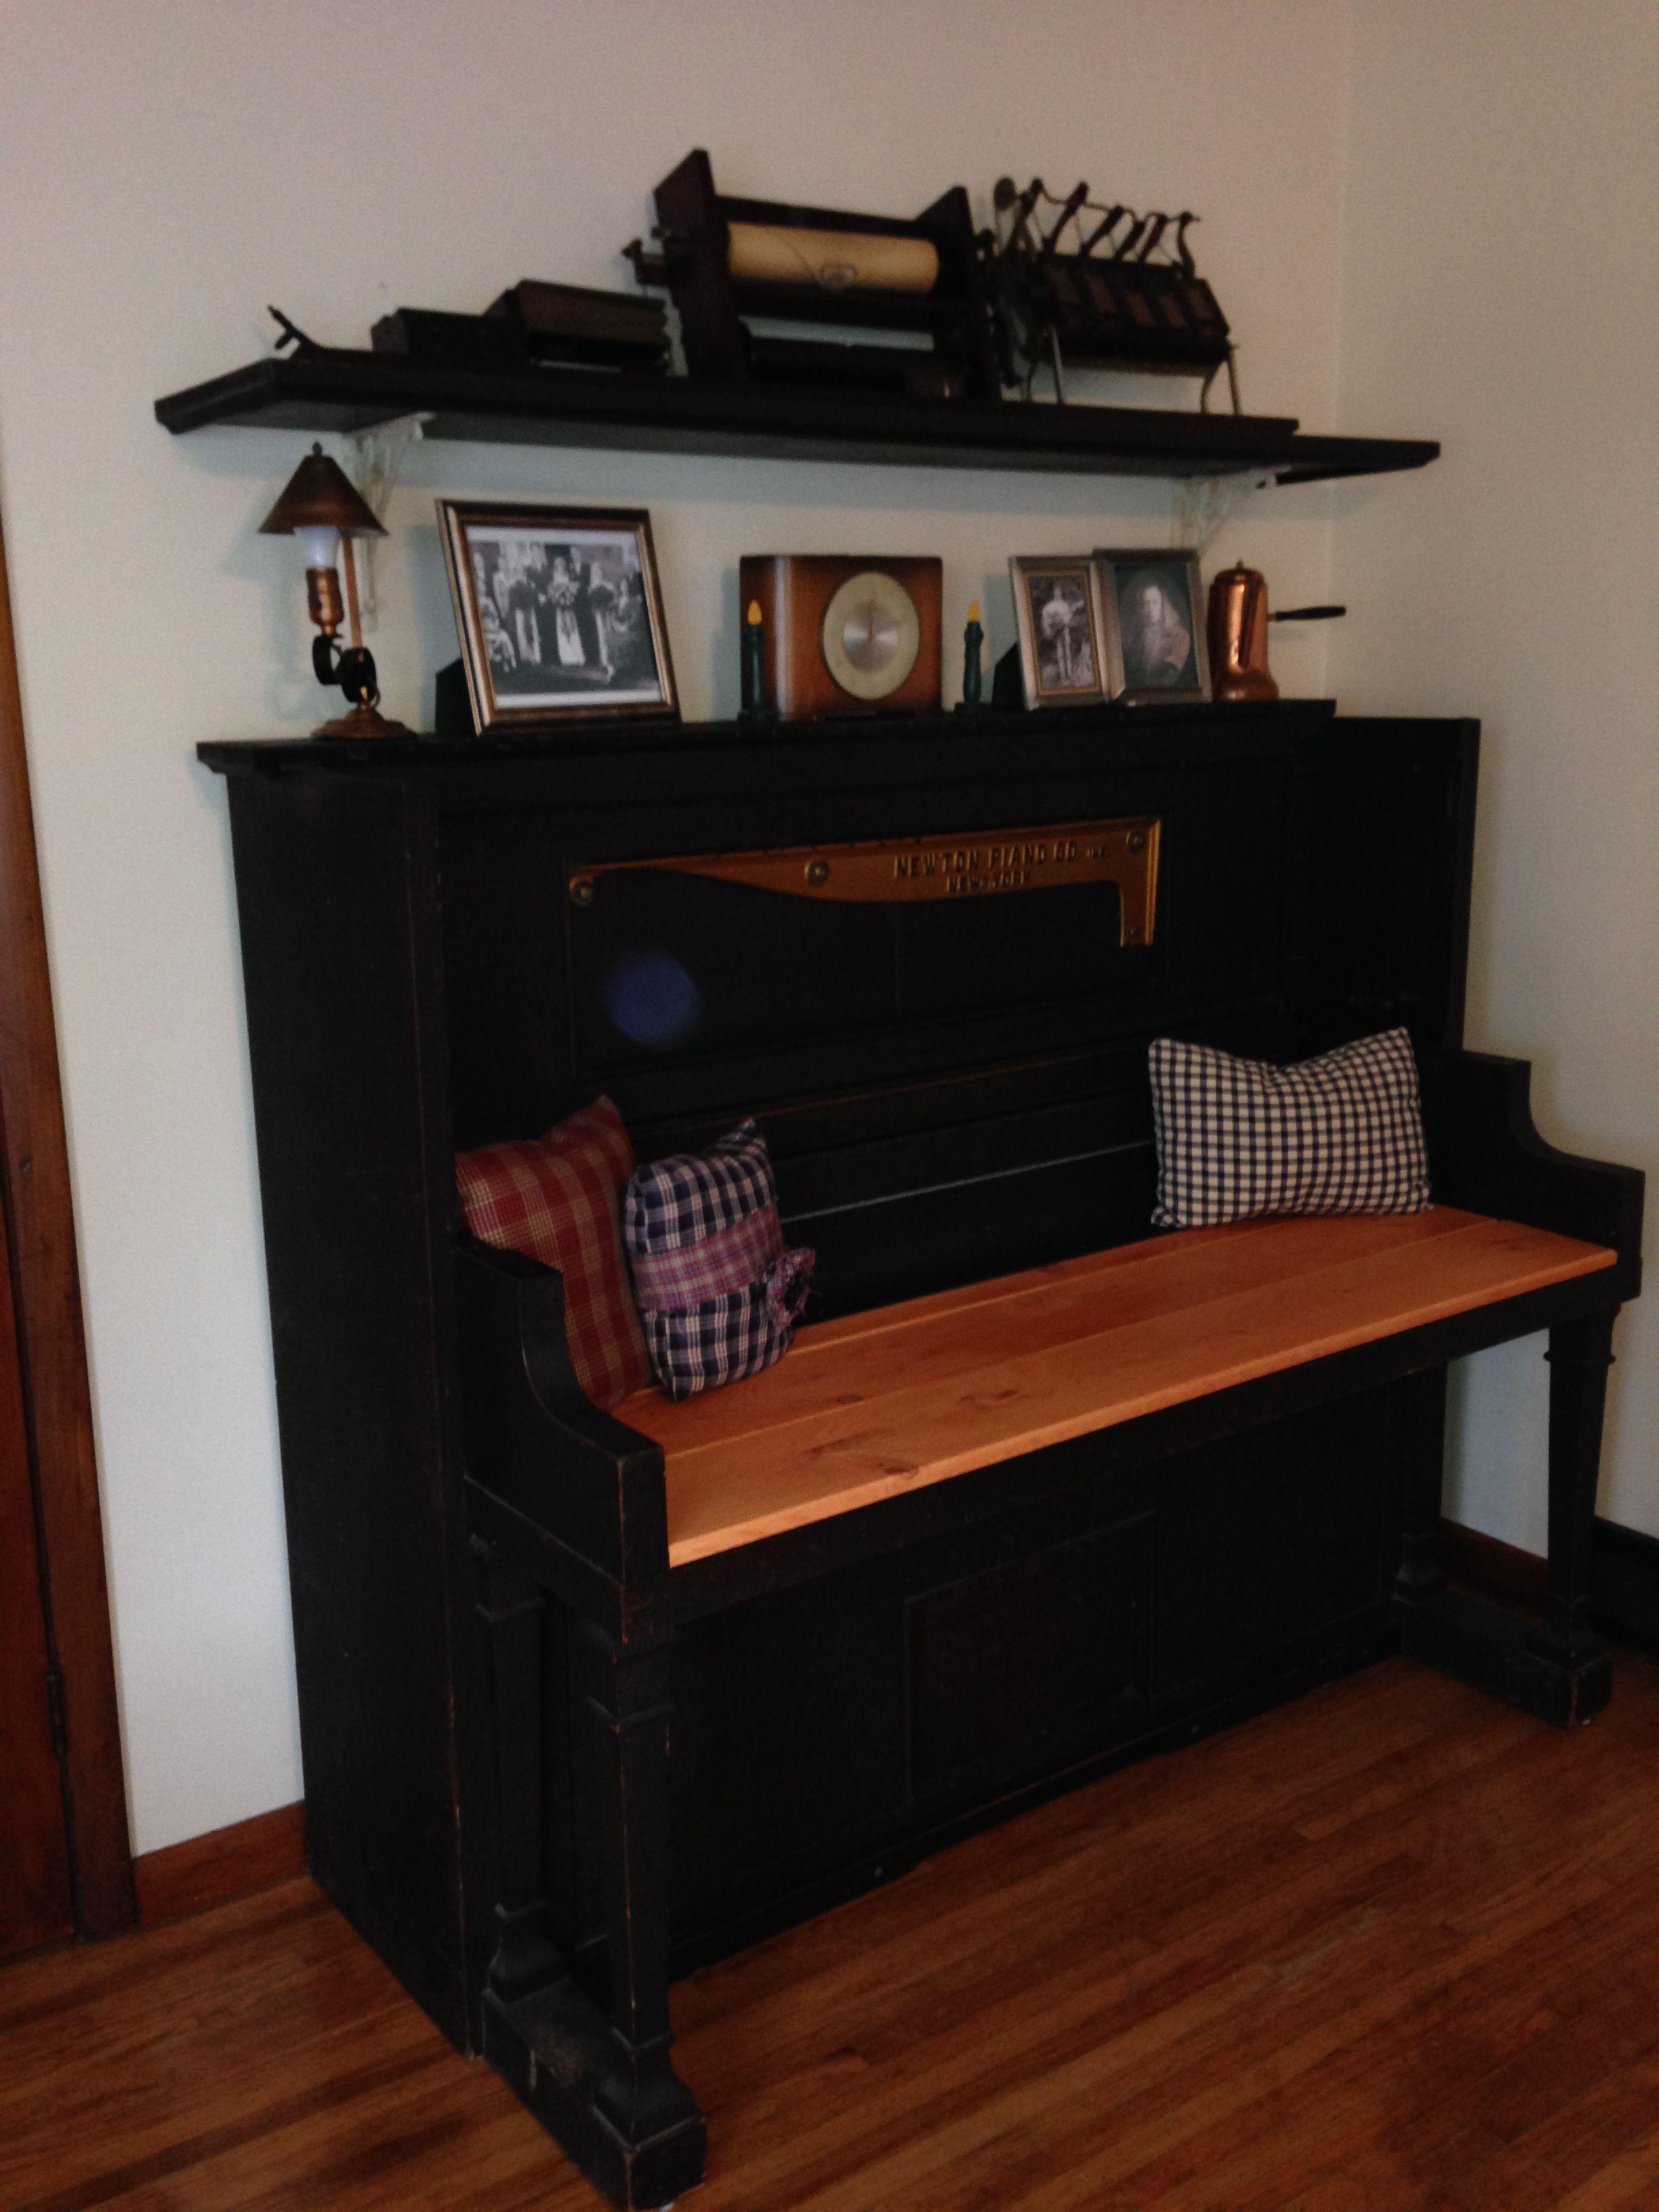 Repurposing 20 Creative Old Piano Repurposing Ideas Entryway Bench